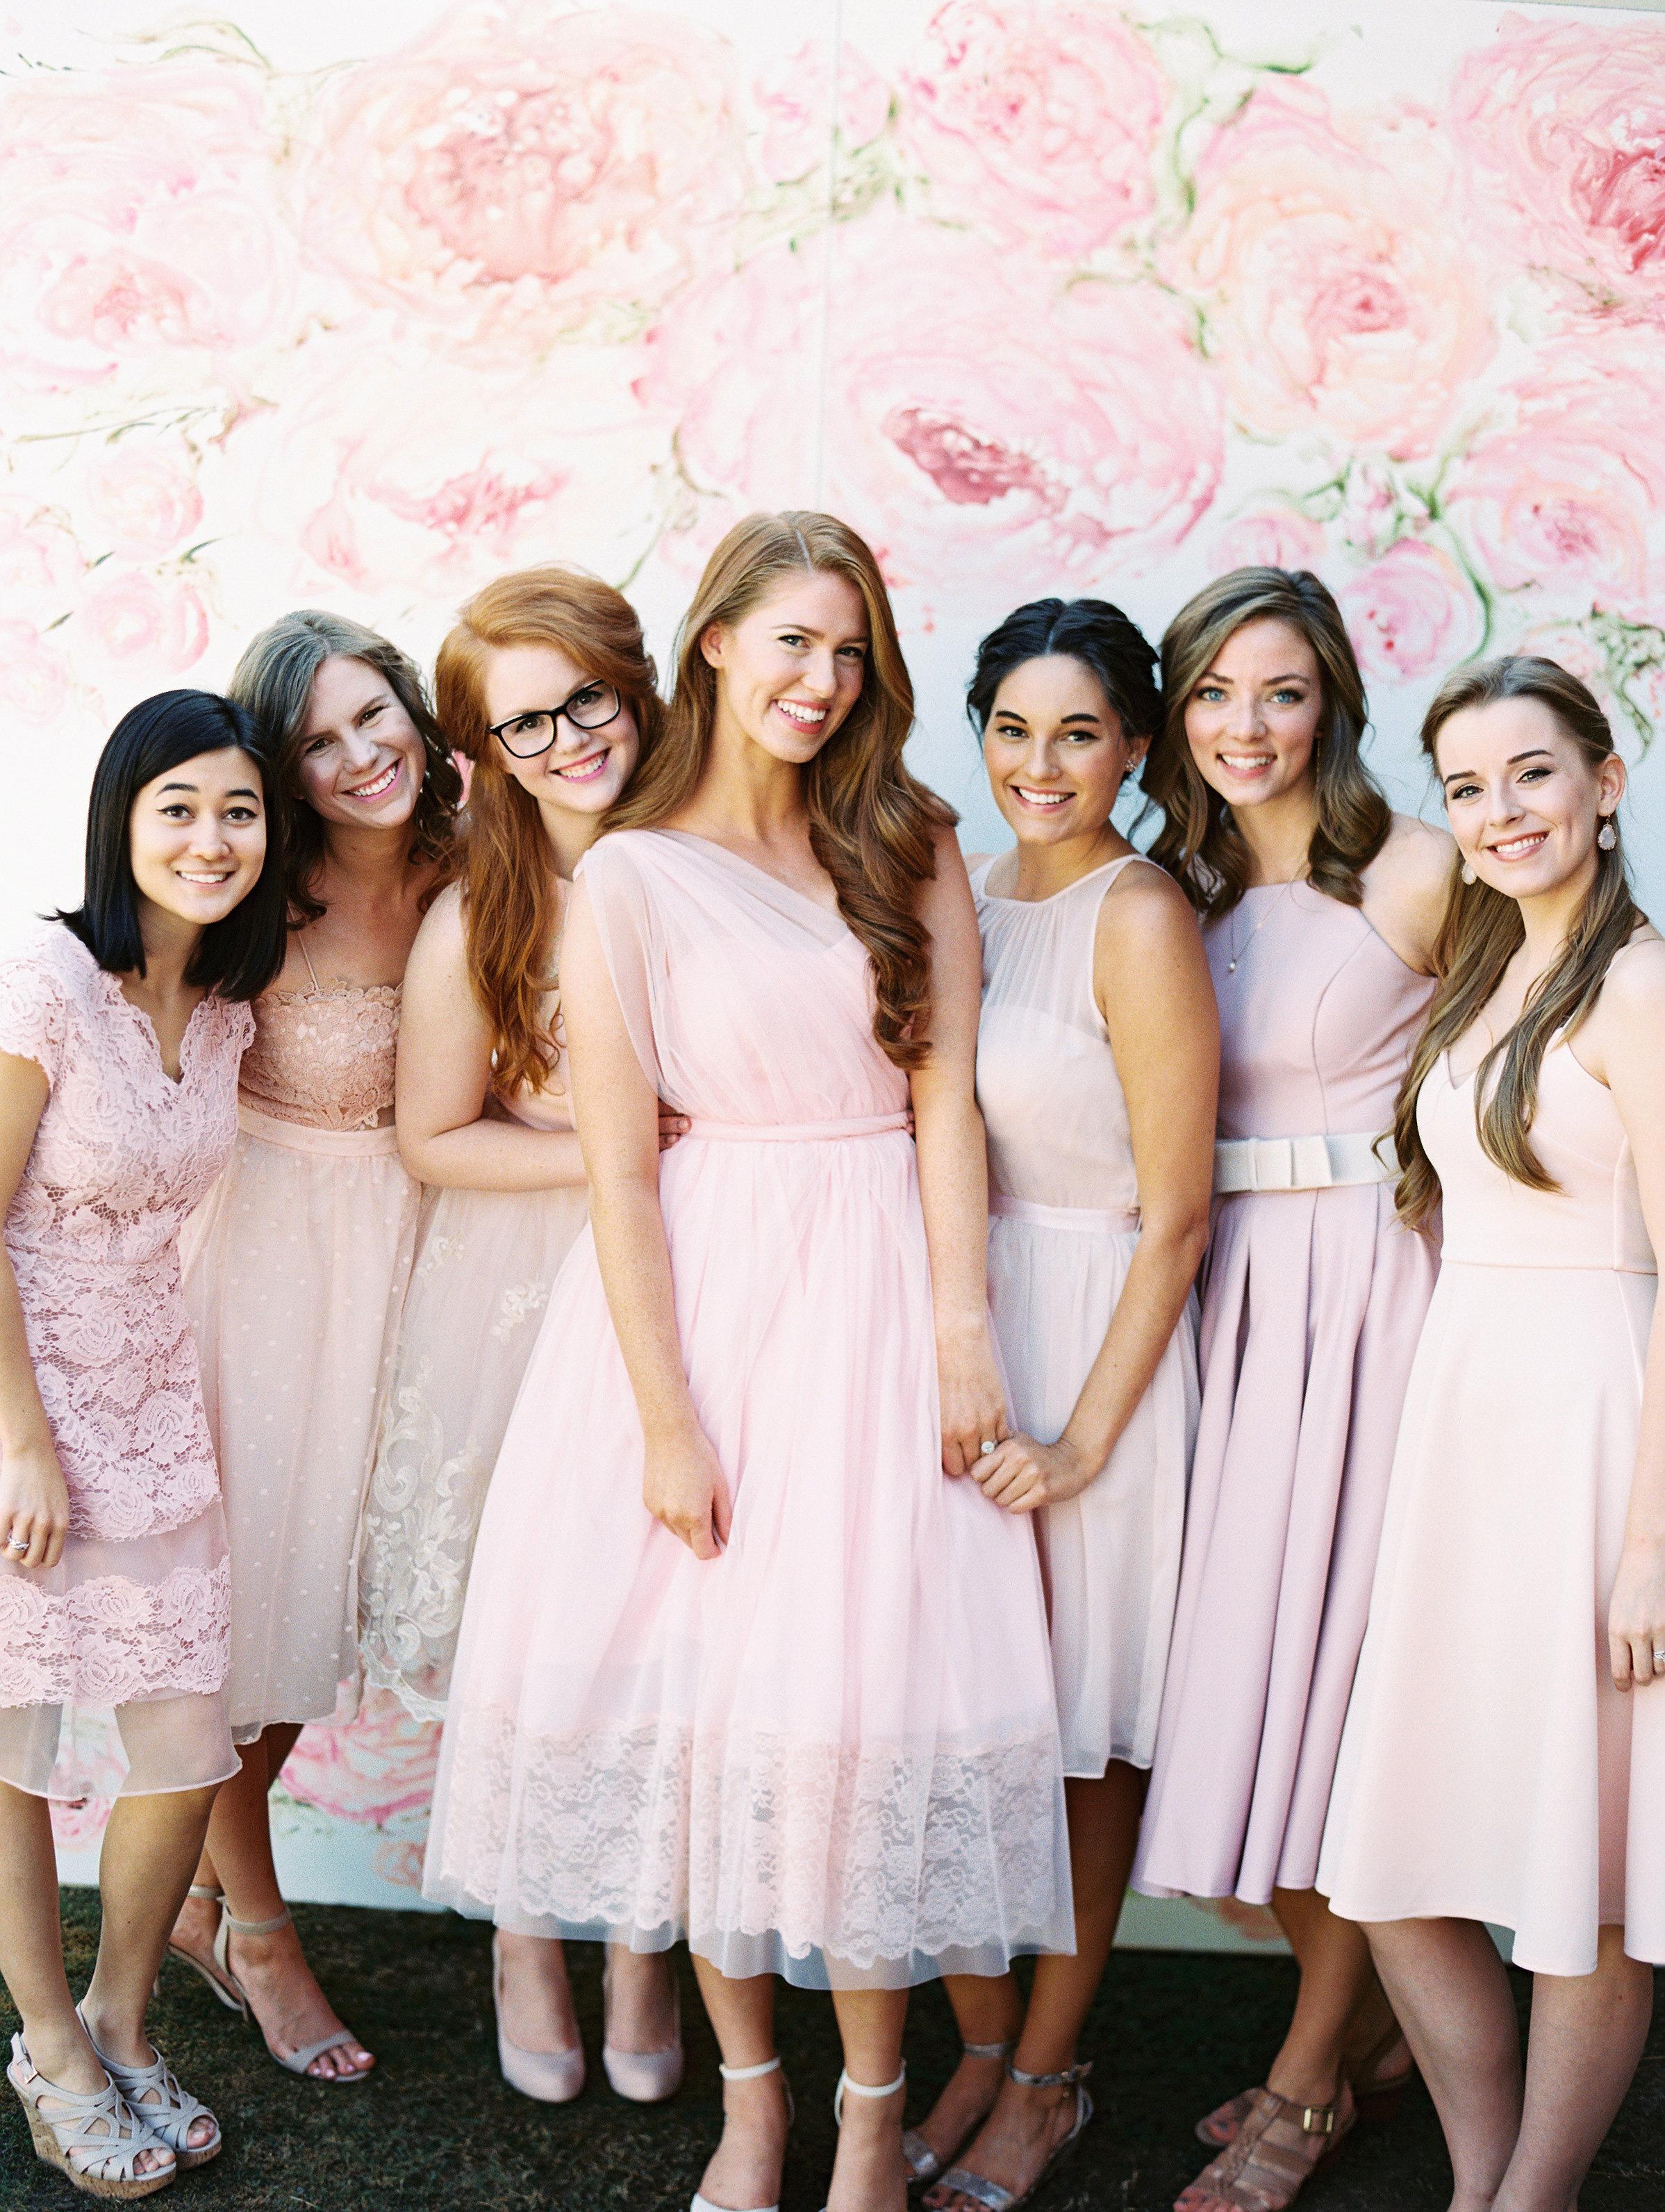 Pesta Bridal dengan Dress Manis